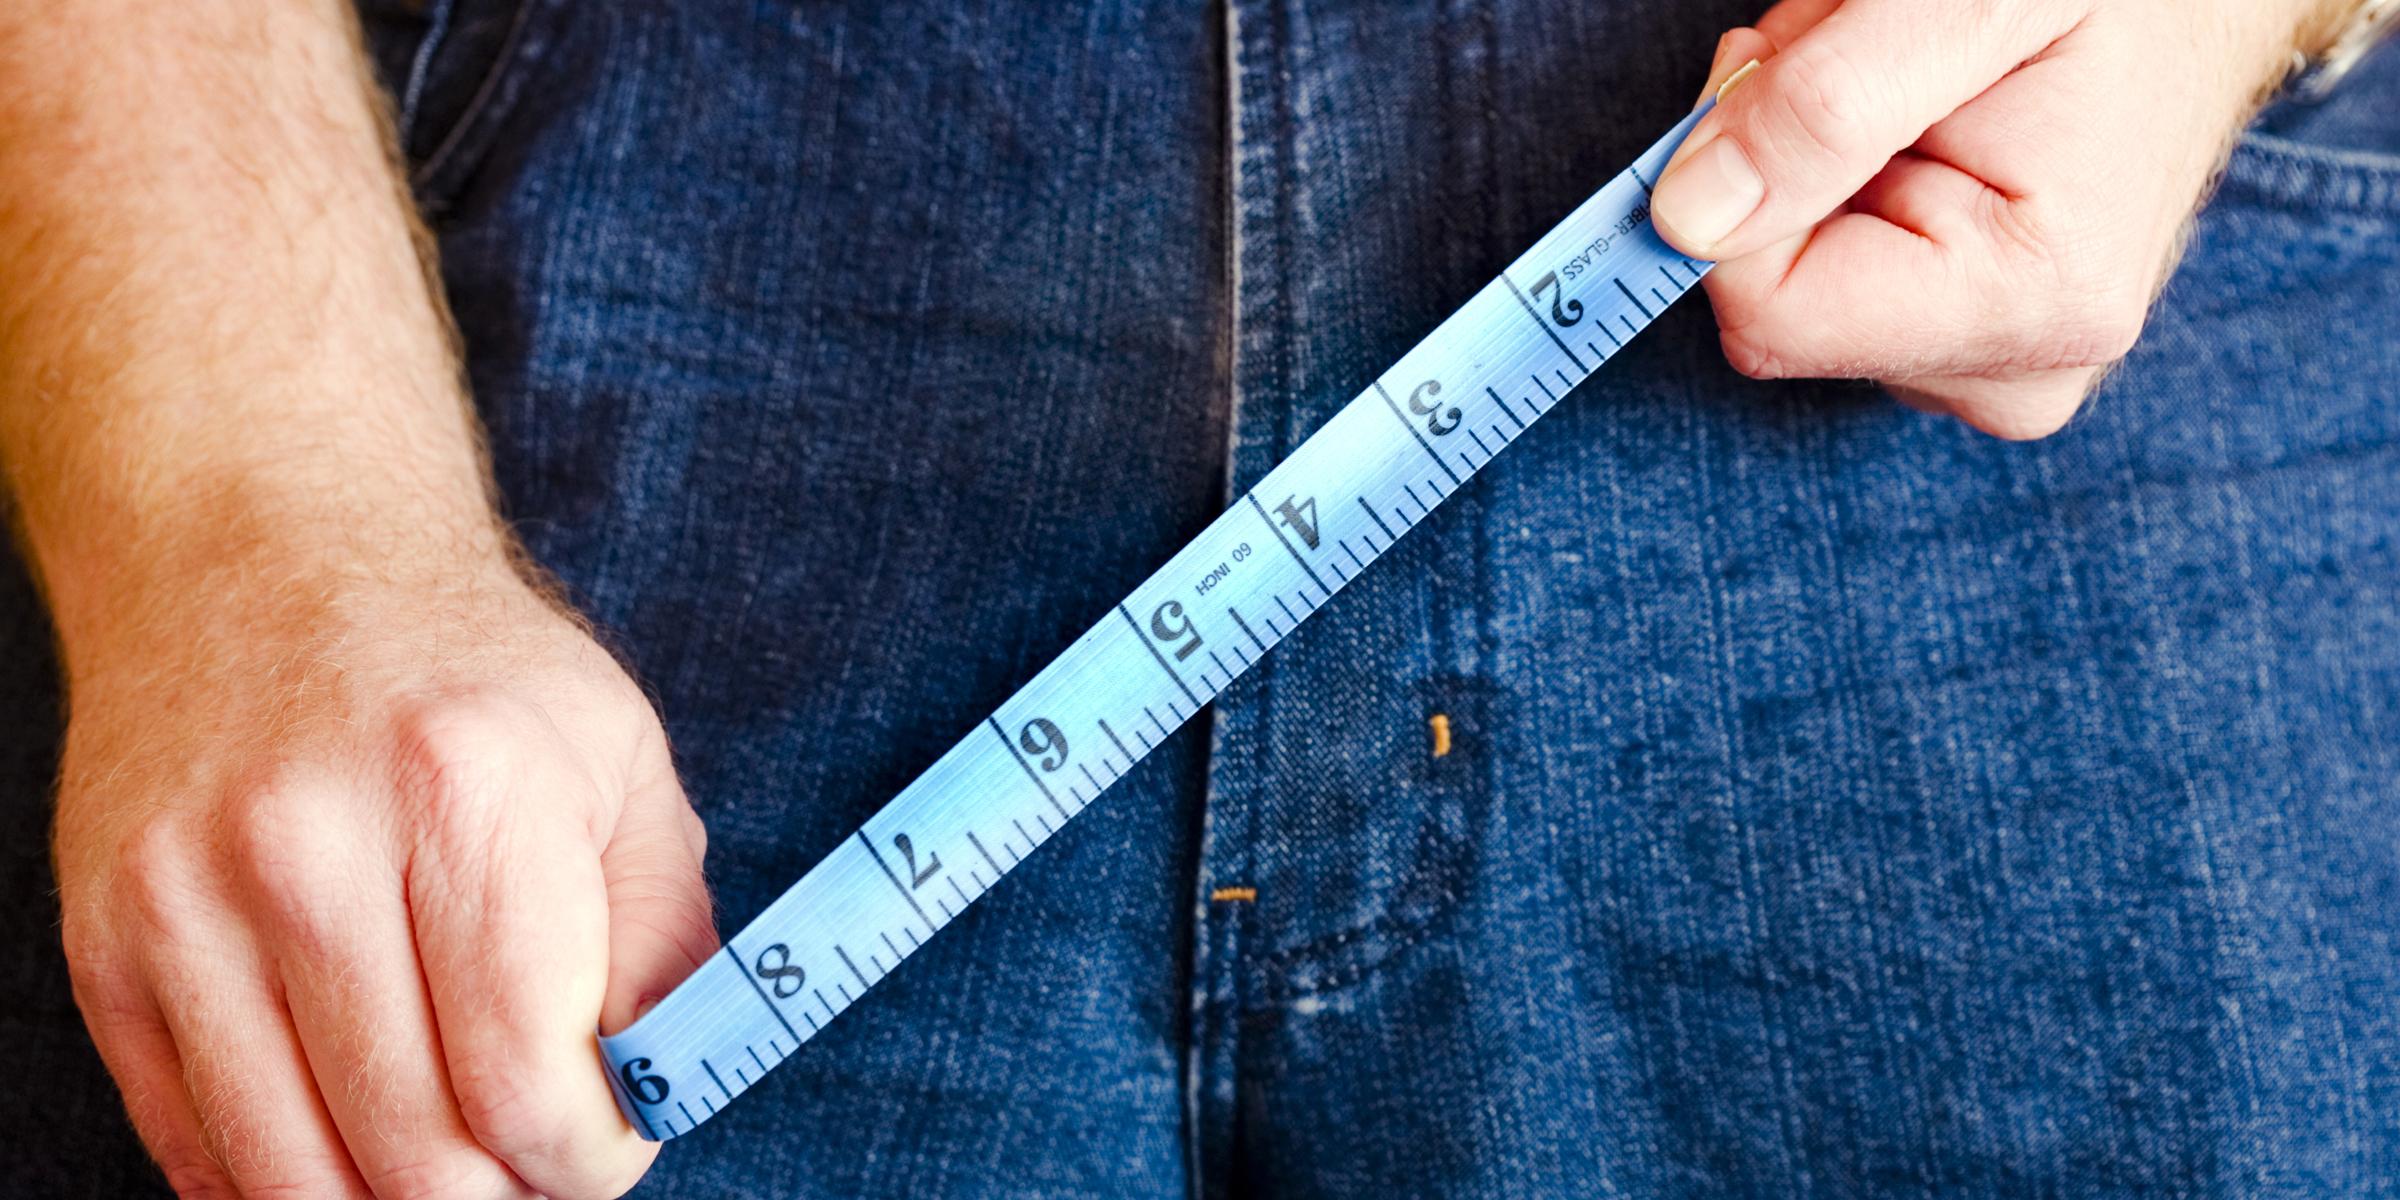 Orbáncfű erekciós potenciája merevedési zavarok kezelésére szolgáló gyógyszerek